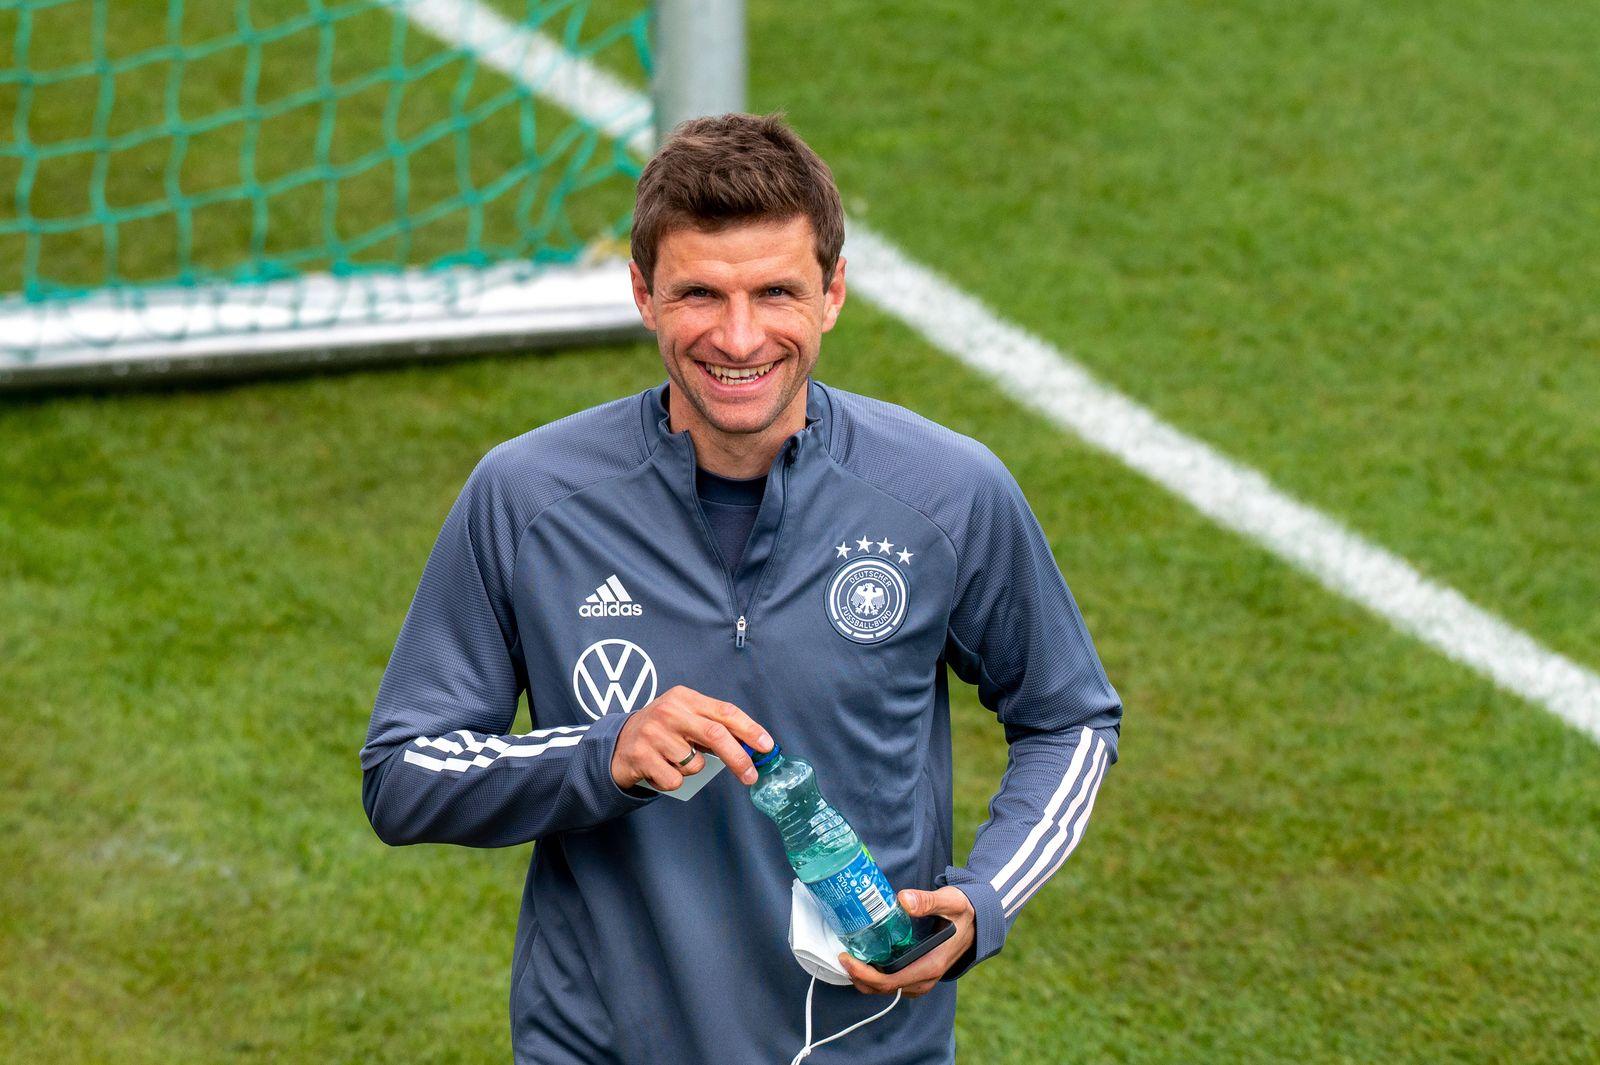 Thomas Müller (GER). Oesterreich, Seefeld, 29.05.2021, Fussball, Deutsche Nationalmannschaft, Euro2020, Trainingslager,